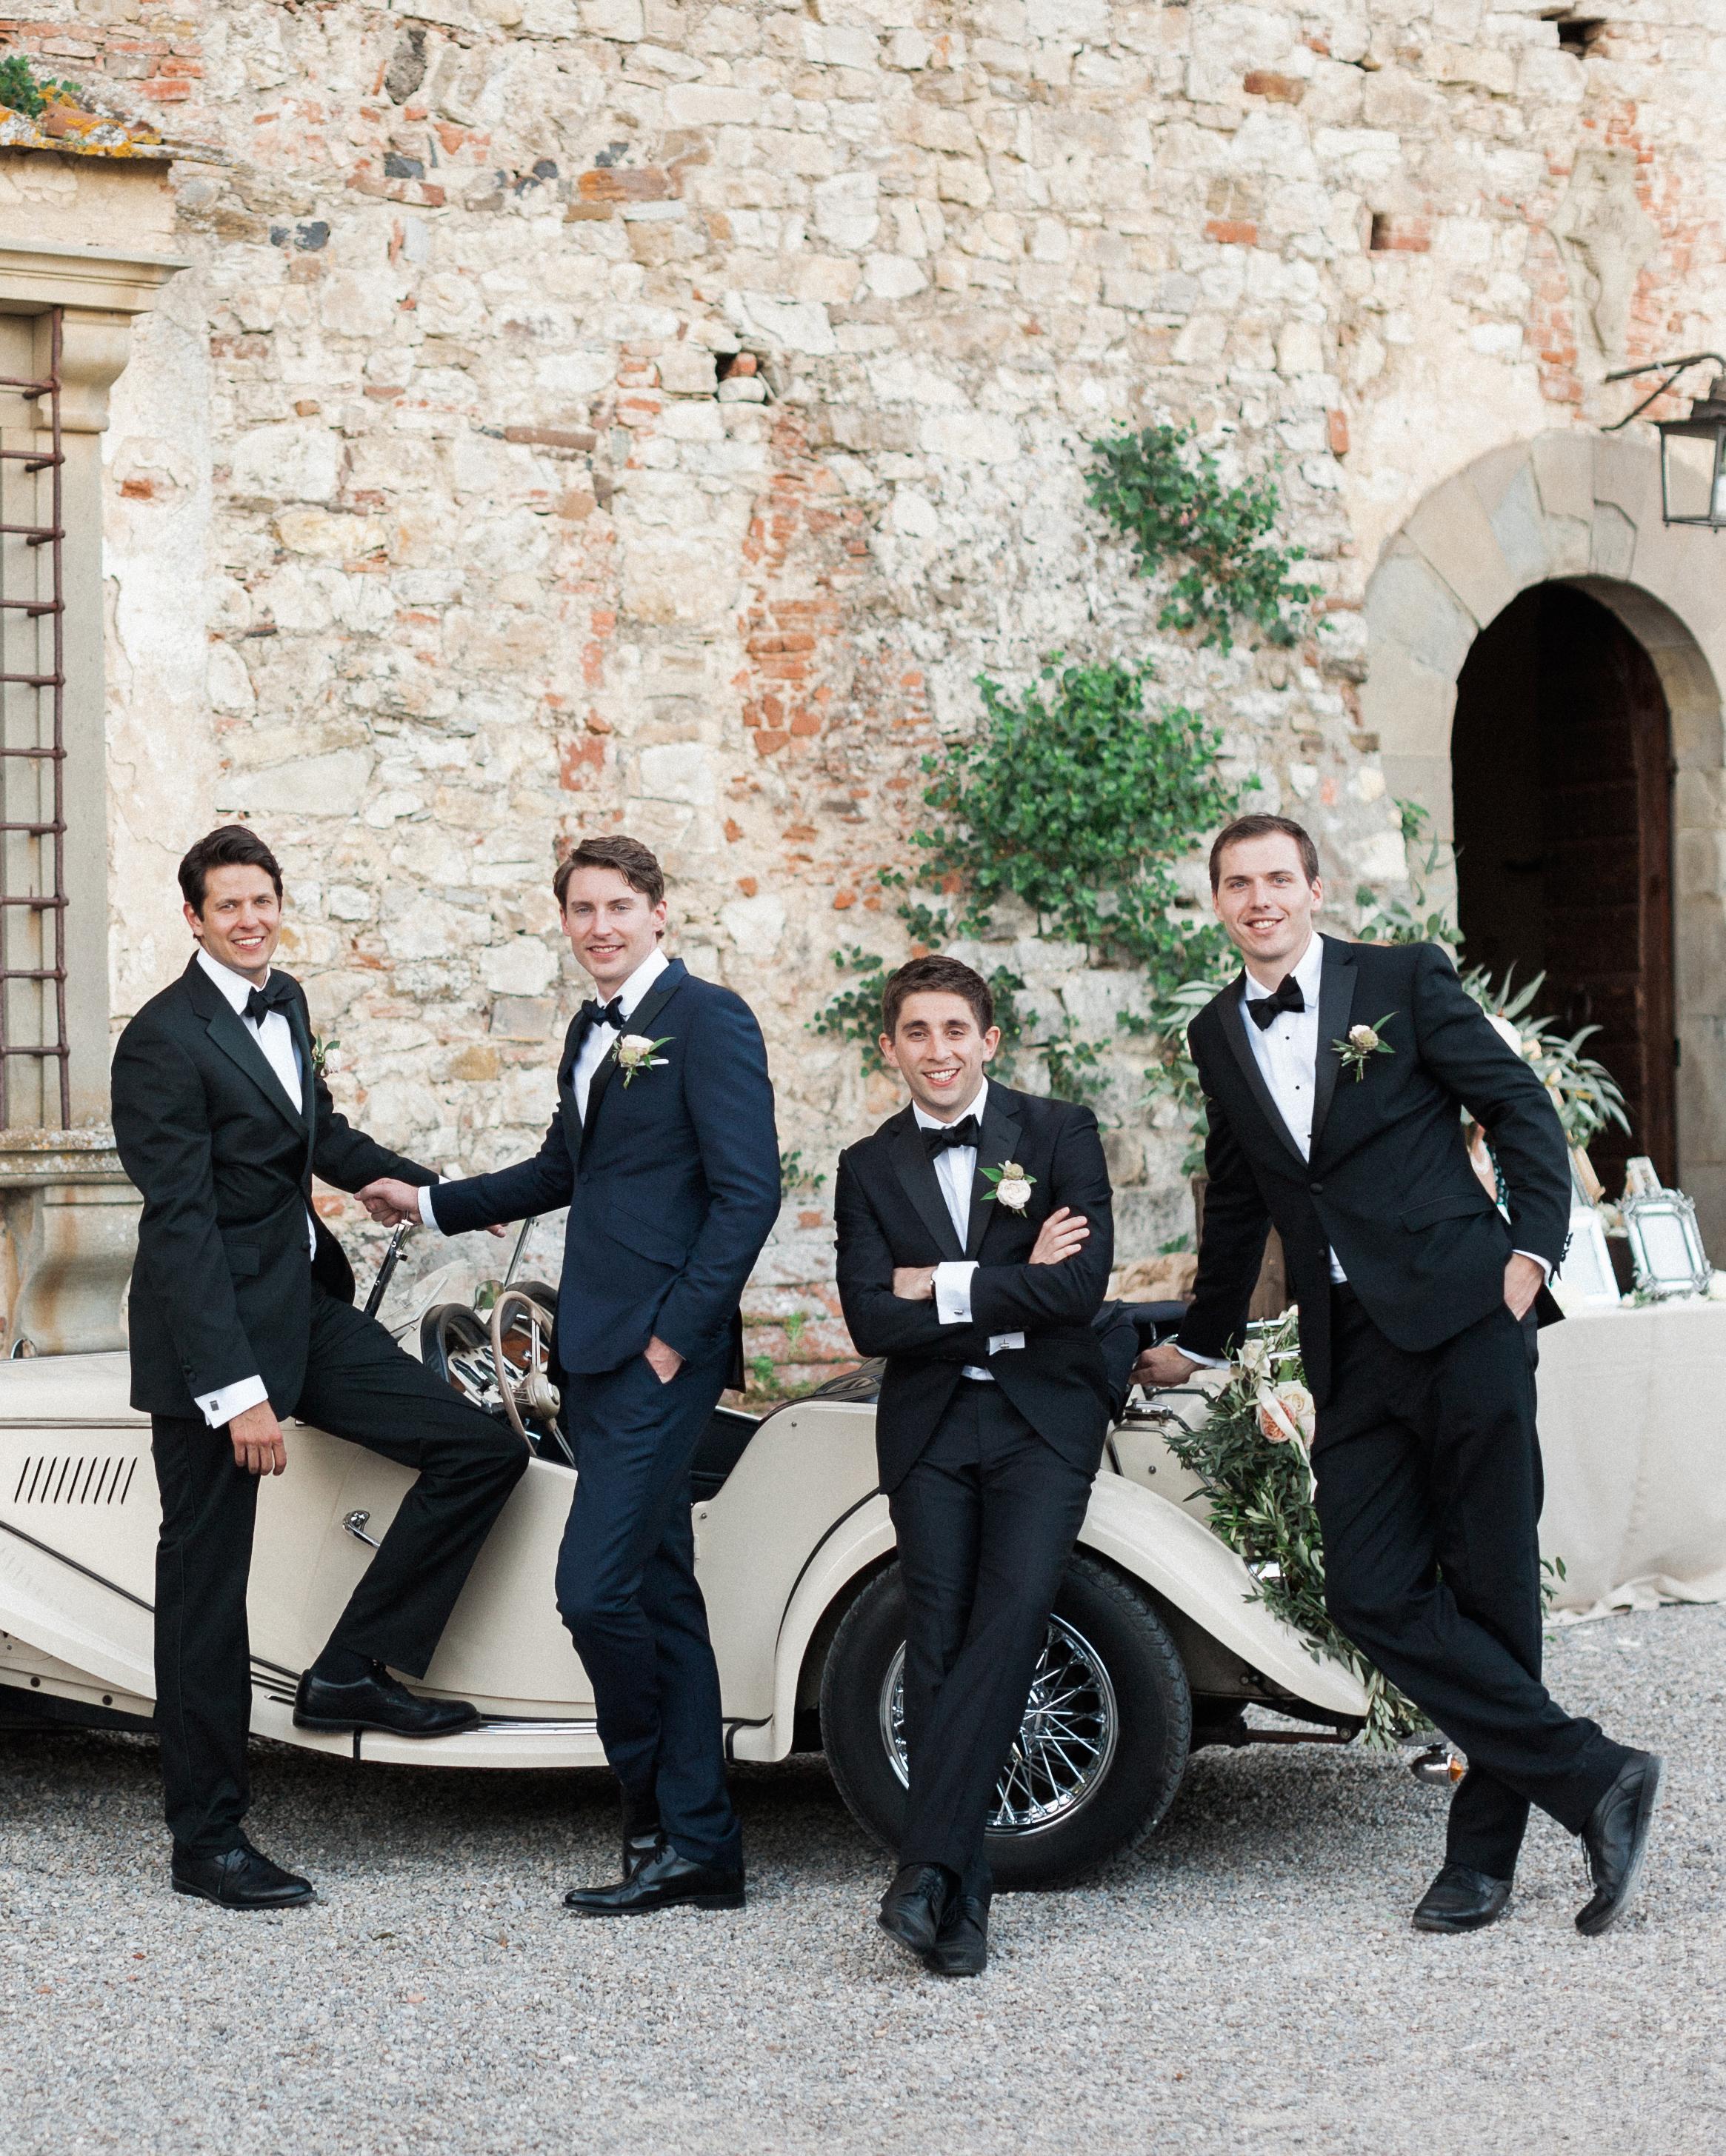 lauren-ollie-wedding-groomsmen-499-s111895-0515.jpg